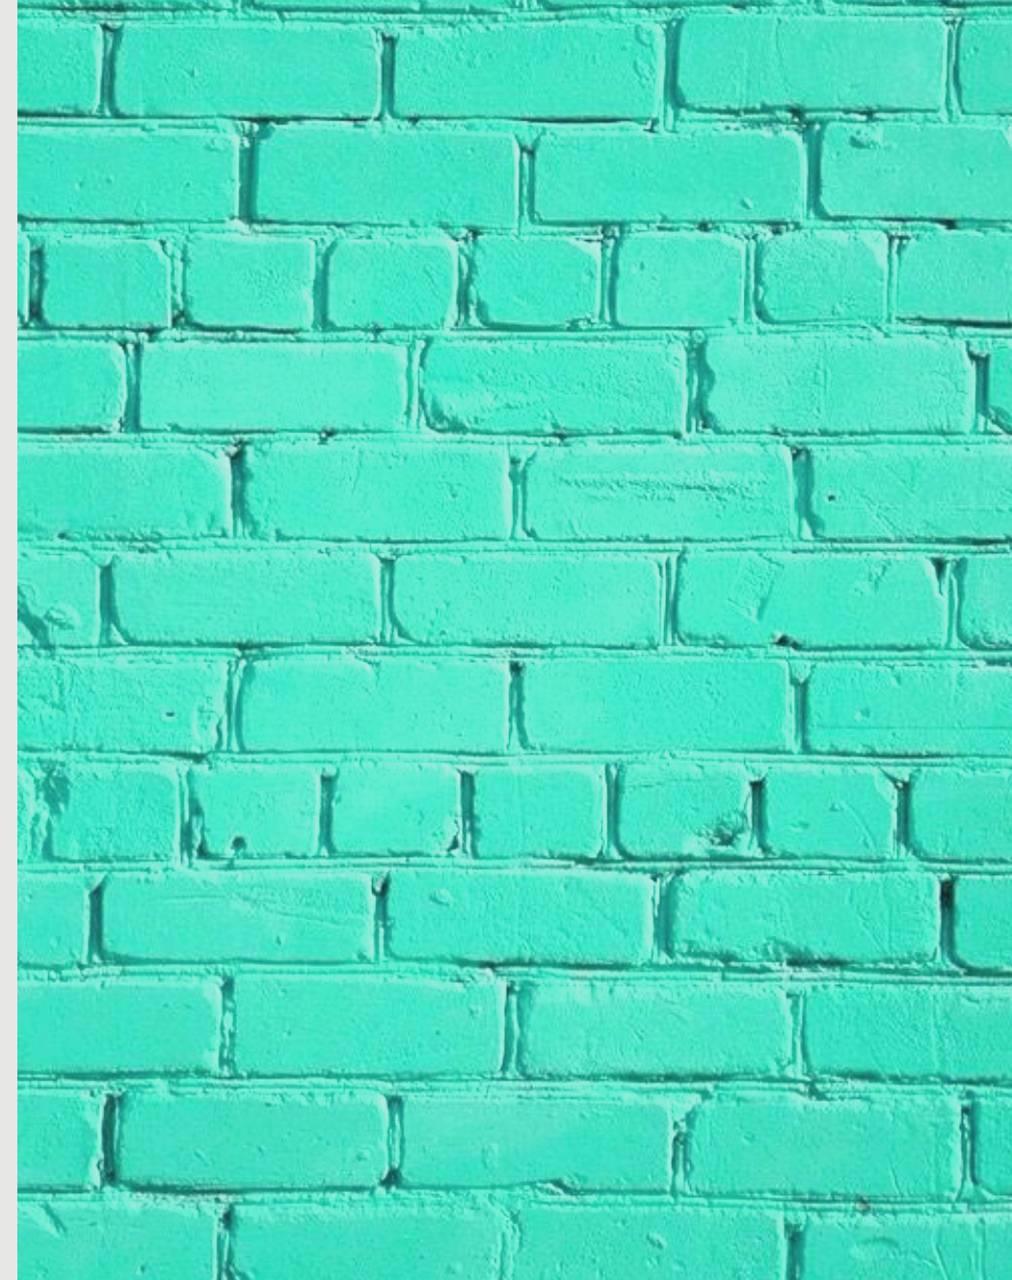 Teal Brick Wall